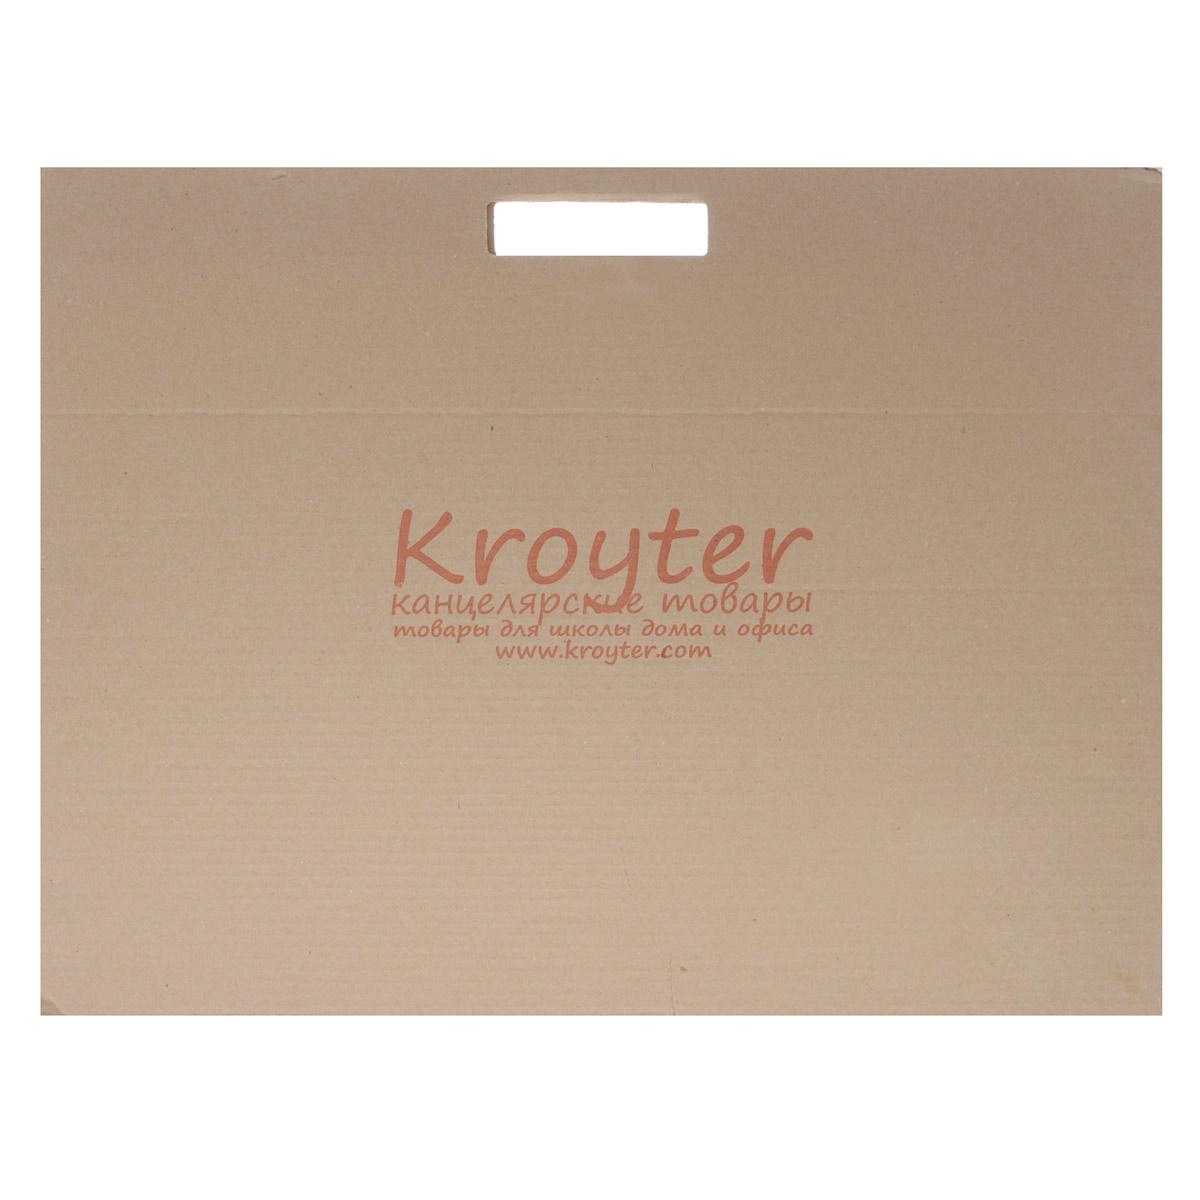 Папка для черчения Kroyter, 10 листов, формат А205329Папка для черчения Kroyter содержит 10 листов плотной бумаги, предназначеннойдля черчения и рисования водорастворимыми красками, карандашами, мелками,ручками. Не рекомендуется для масляных красок. Обложка выполнена из гофрированного картона в виде папки-переноски с ручками,такой вариант позволяет переносить бумагу без повреждений или хранить в ней ужевыполненные работы. Формат: А2 (420 х 594).